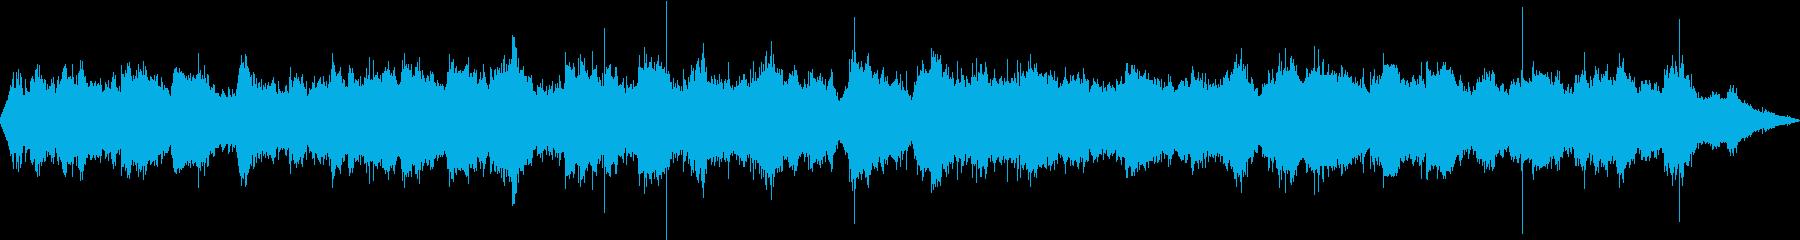 波の音です。の再生済みの波形